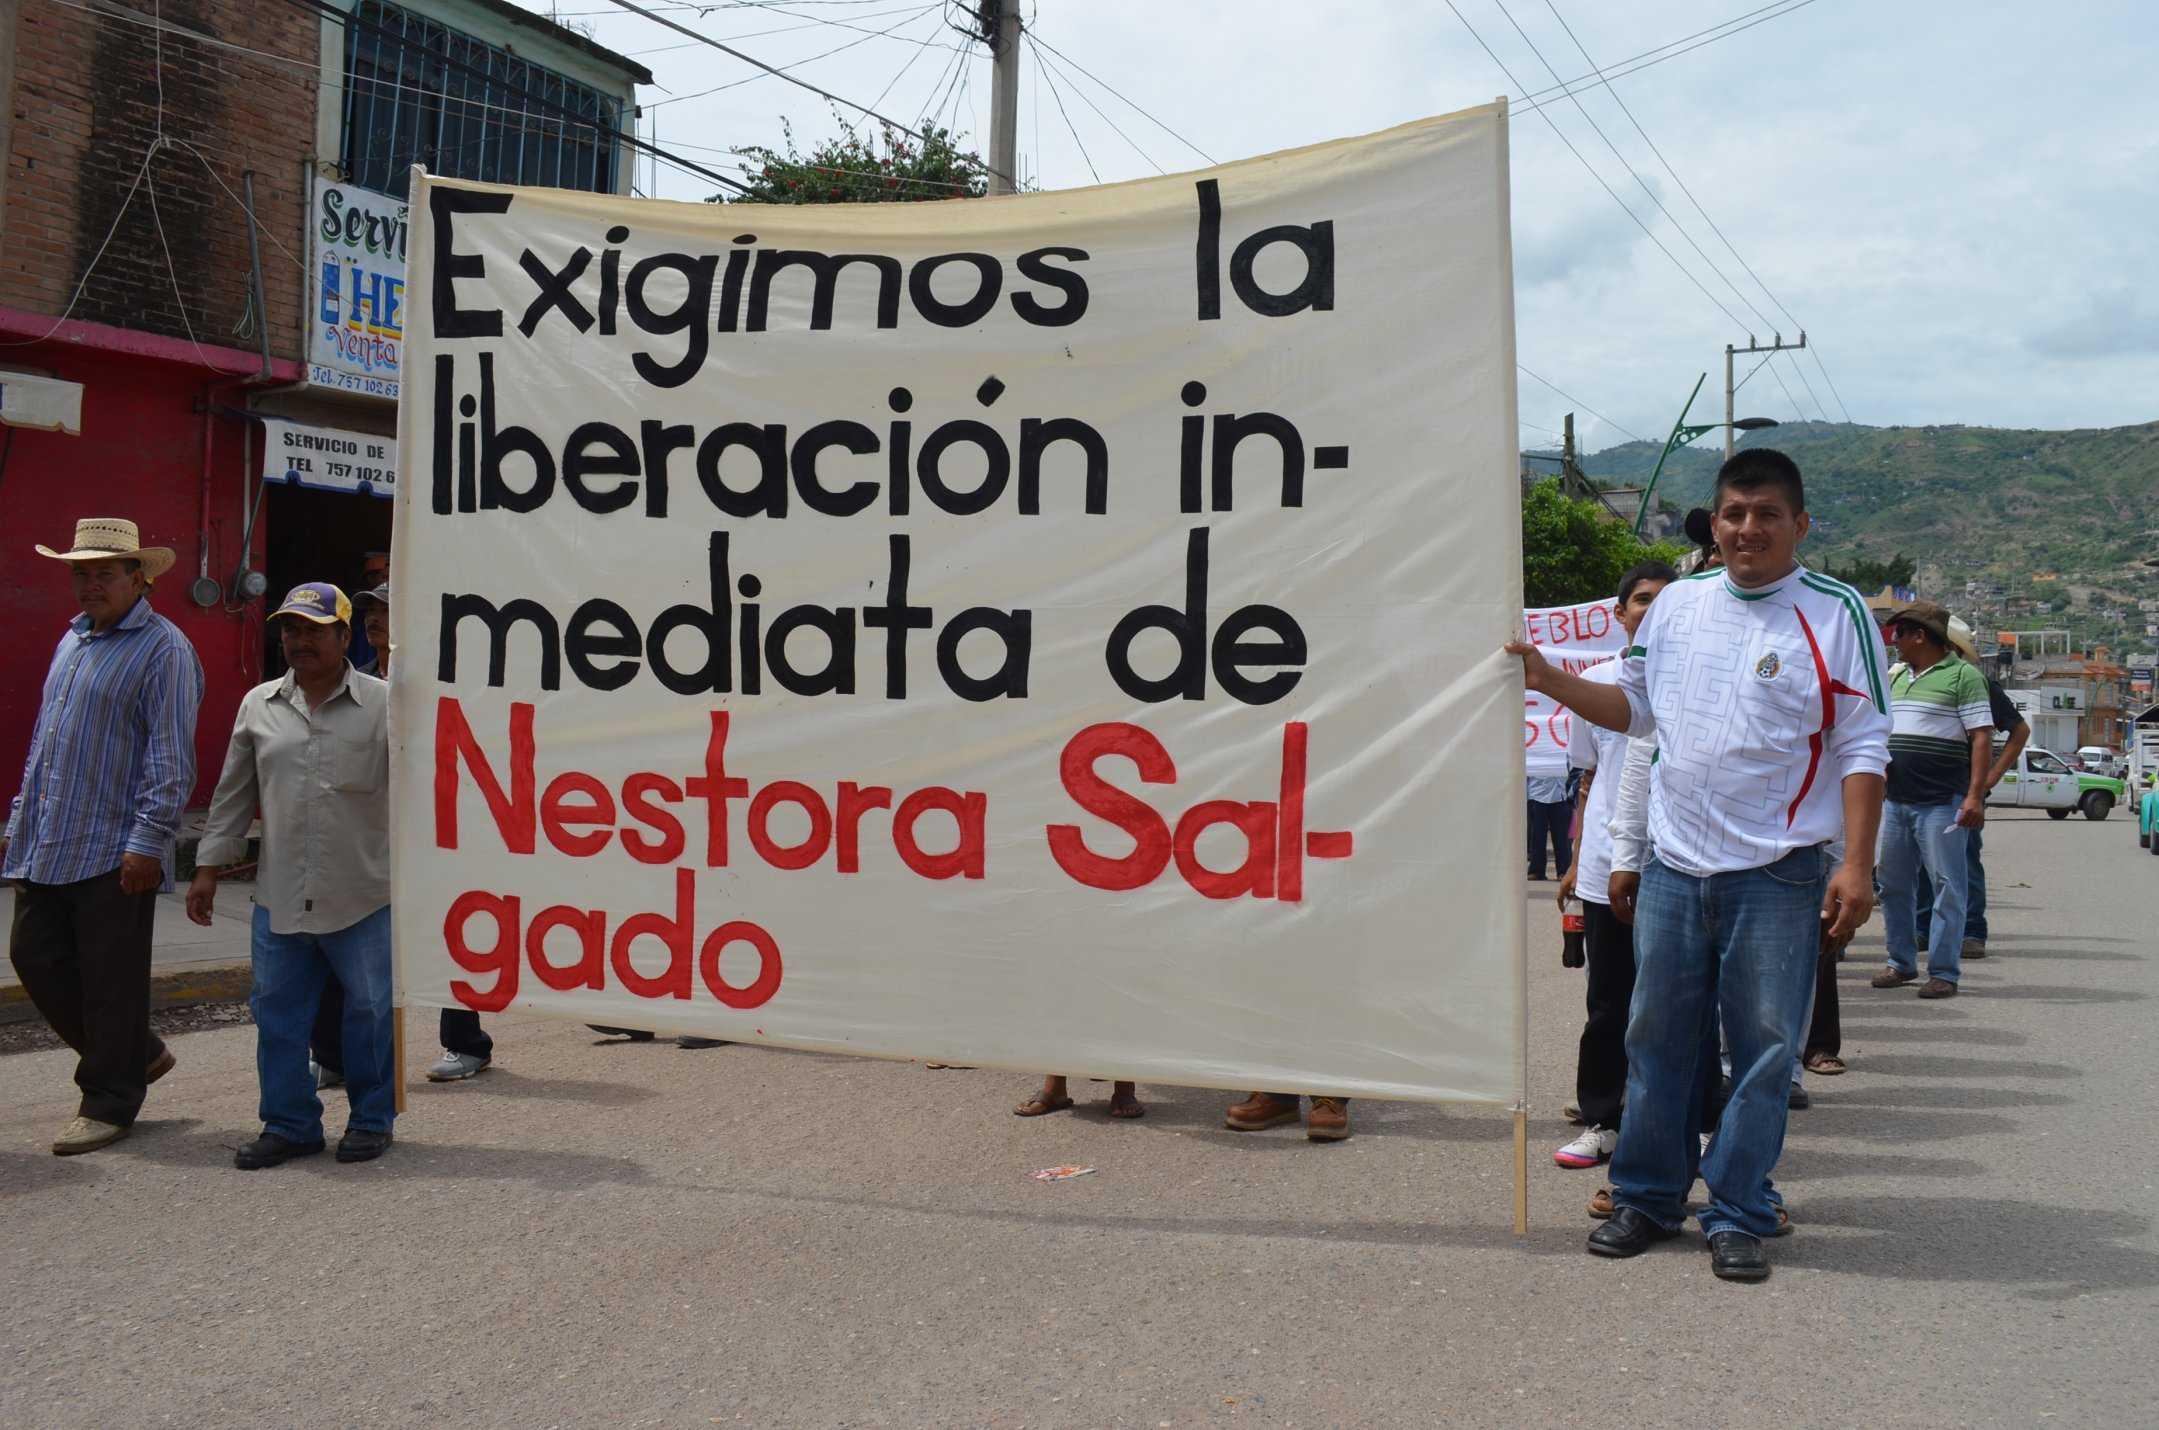 Liberen a Nestora Salgado: Policía Comunitaria de Guerrero